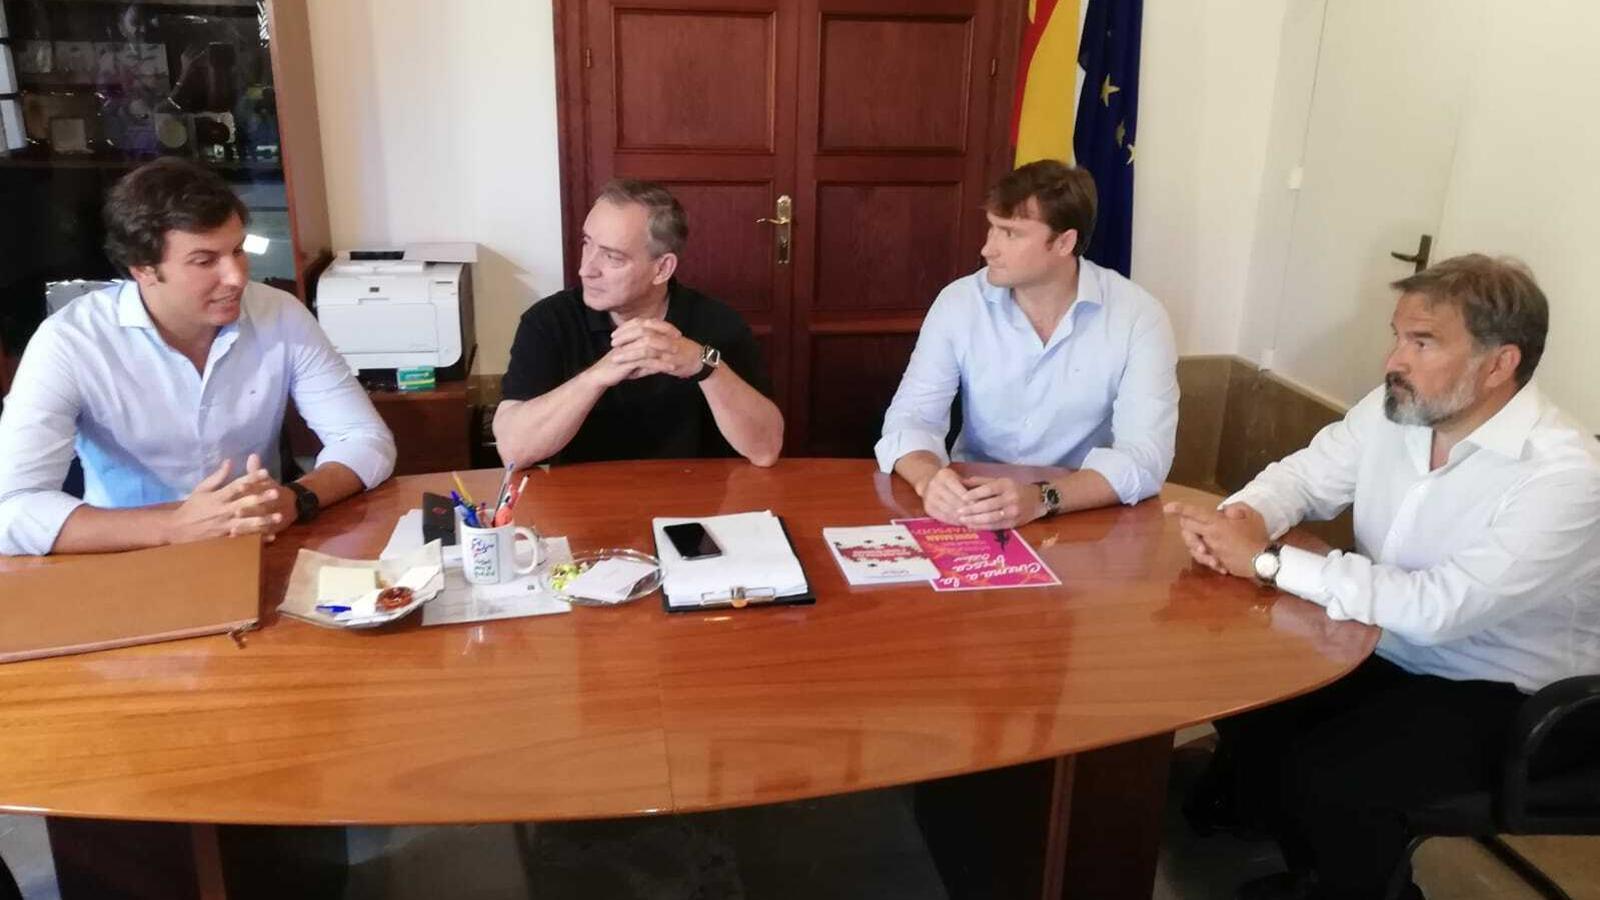 Un grup d'inversors fa una oferta de 25 milions d'euros per comprar el tren de Sóller